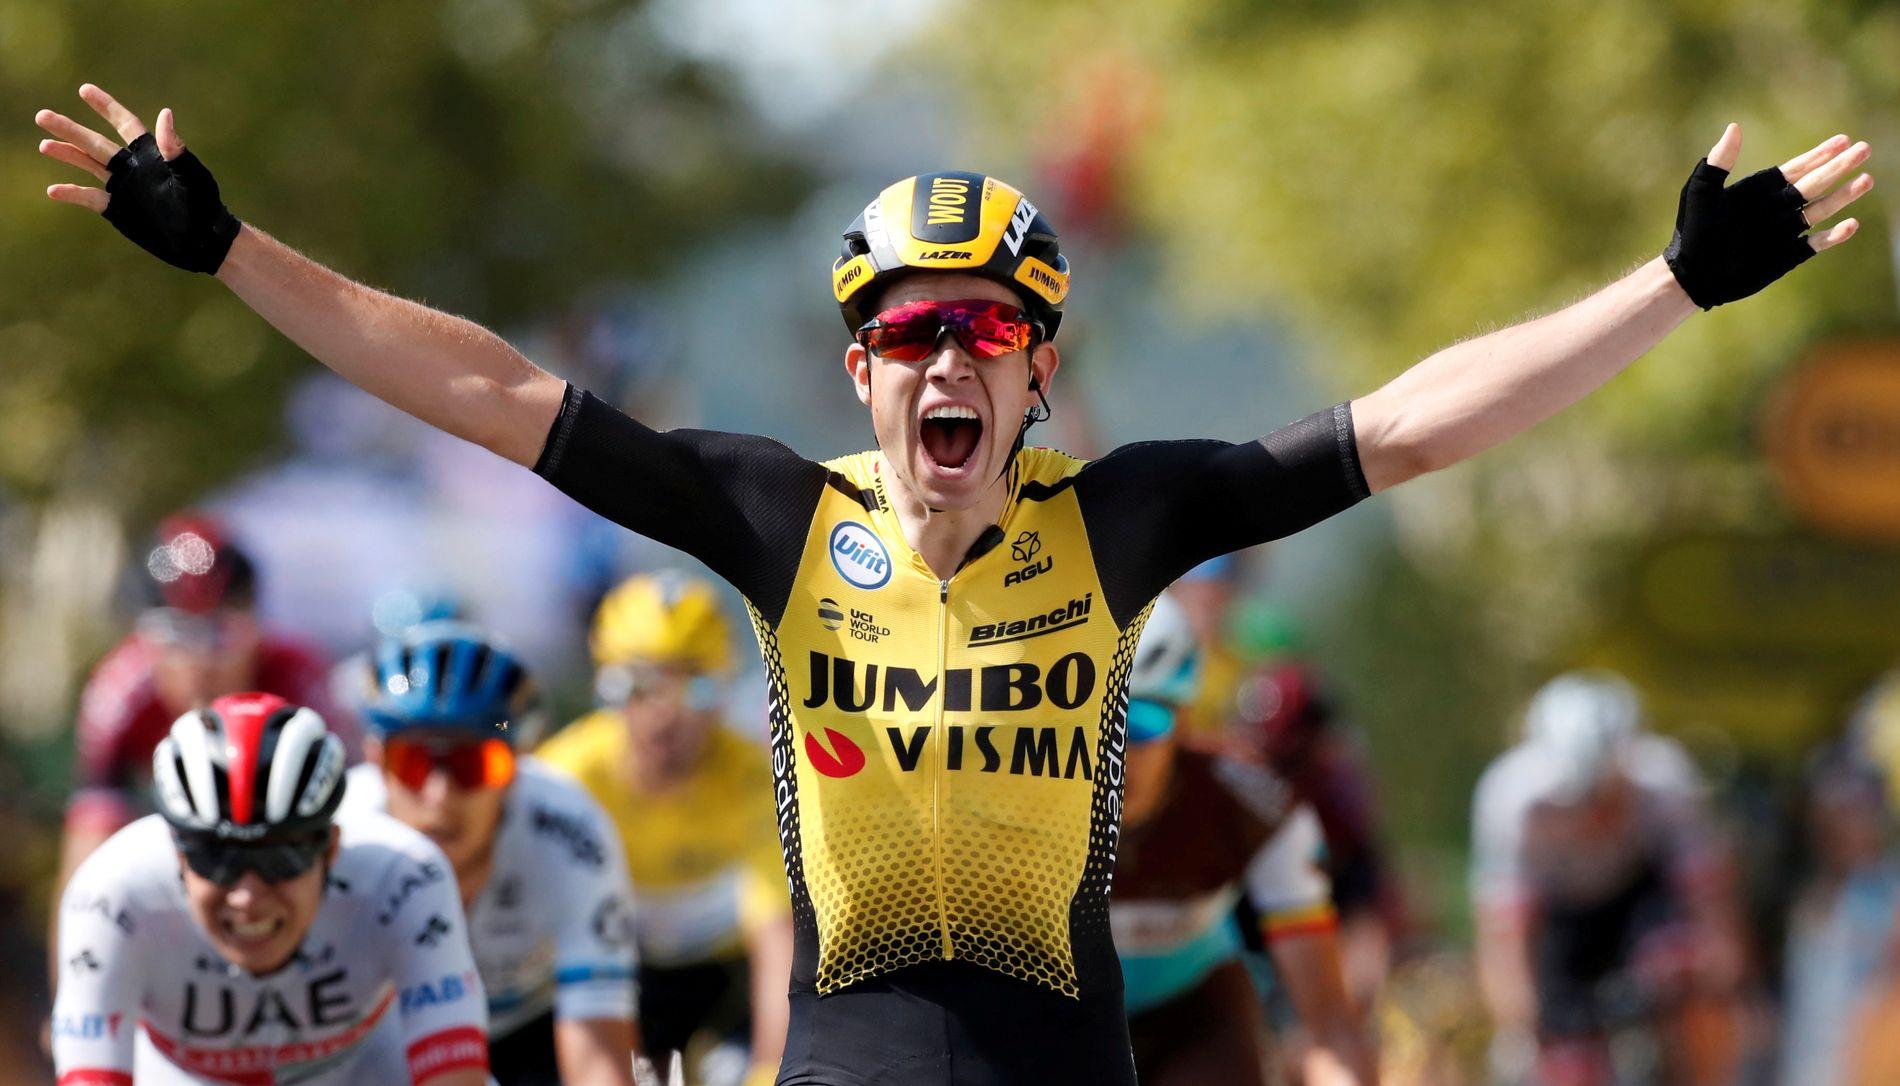 Wout van Aert vant en Tour de France-etappe for fire dager siden. Fredag måtte han bryte etter en stygg velt.